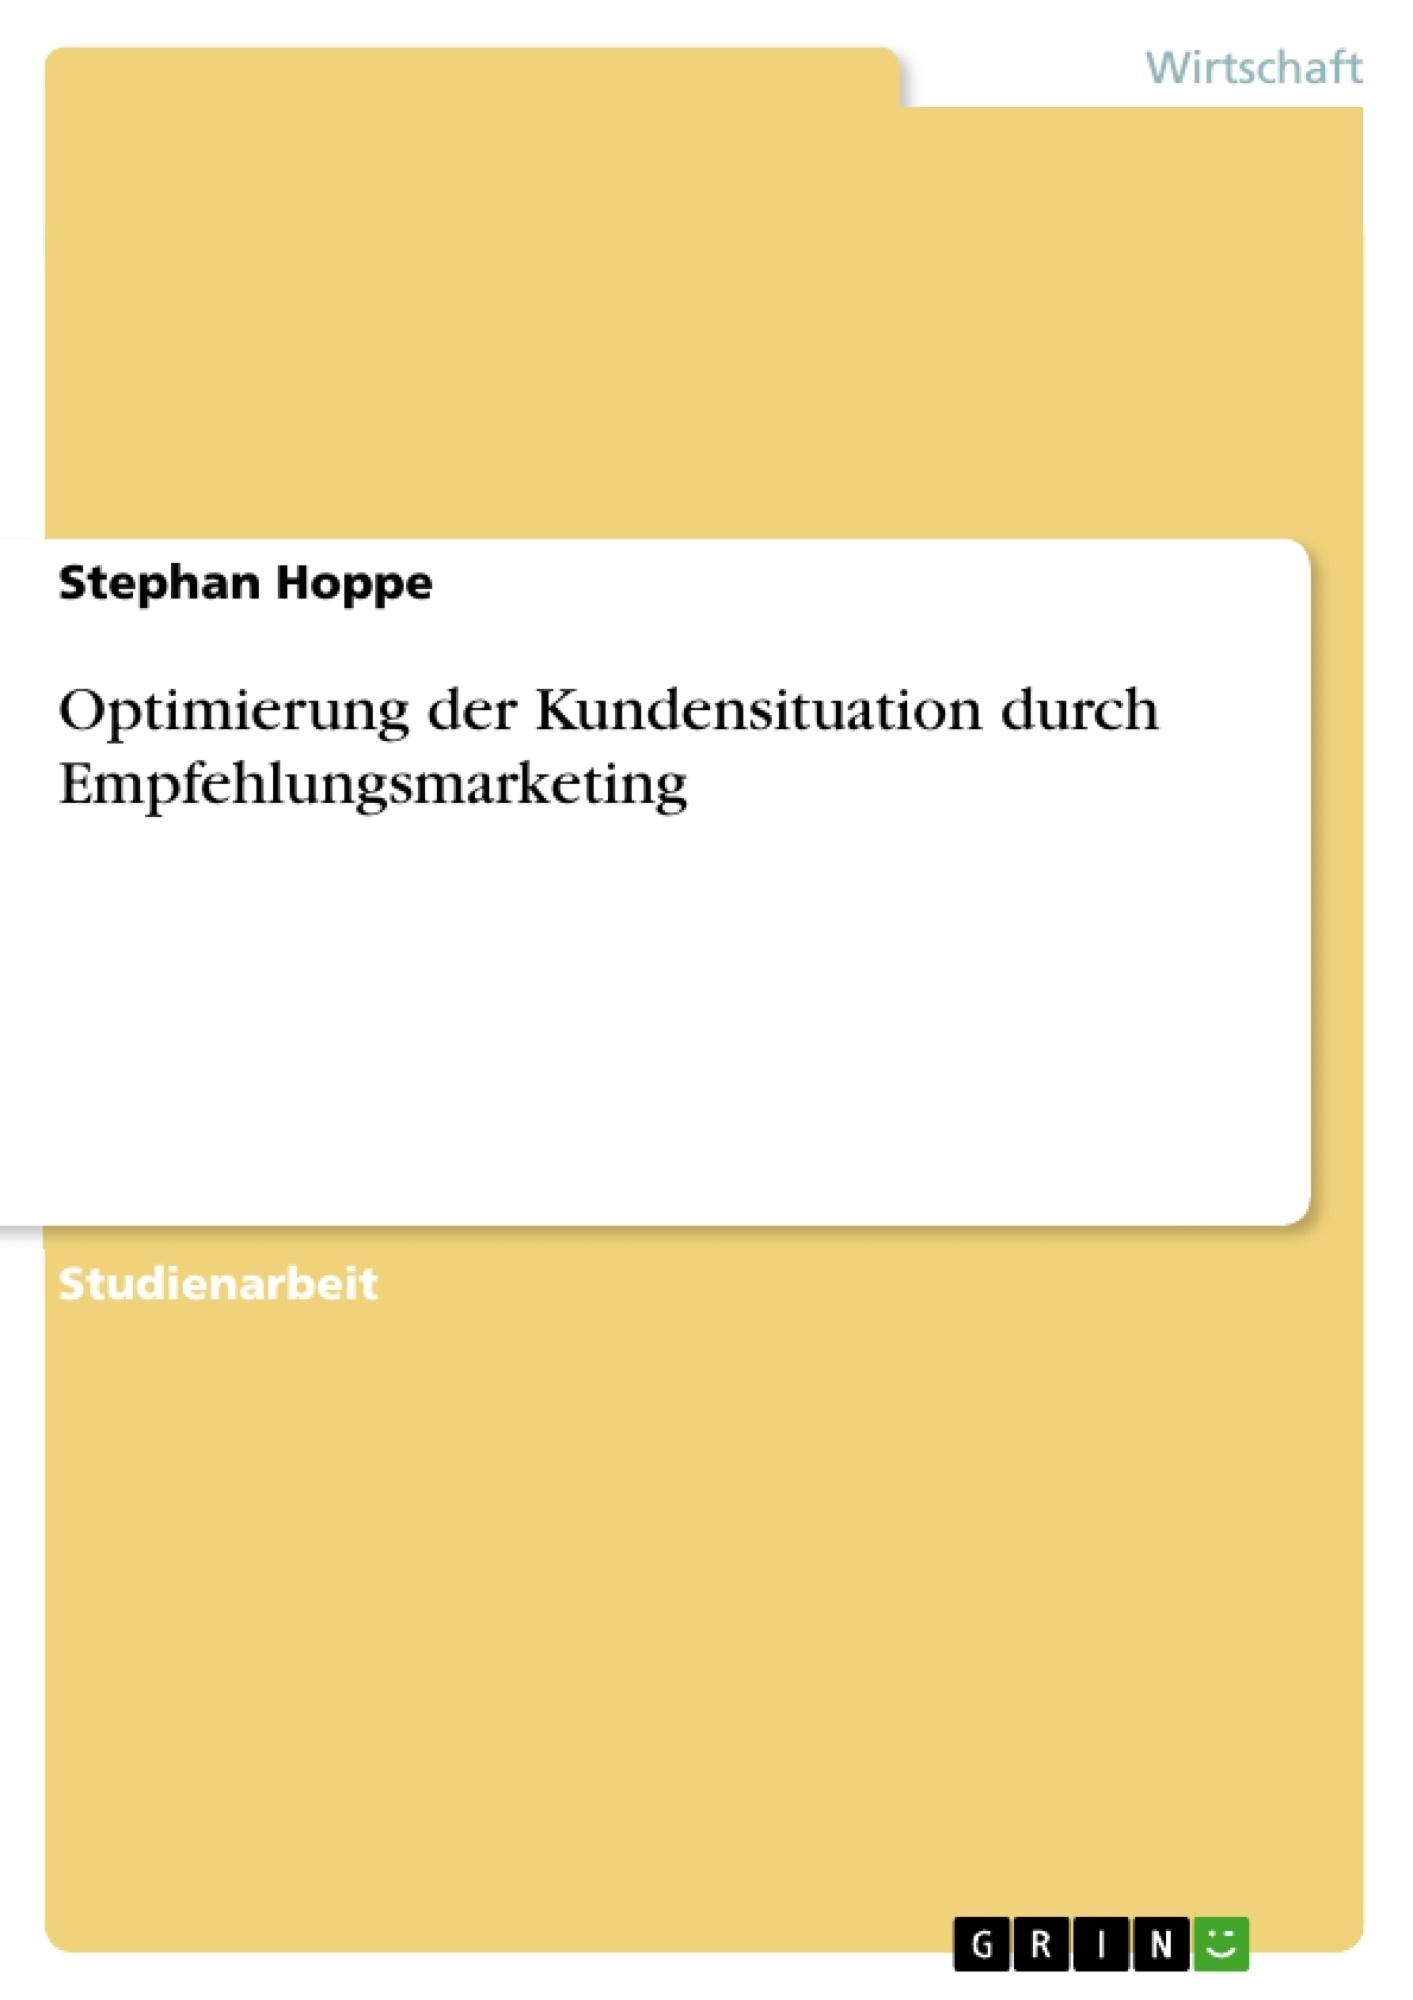 Titel: Optimierung der Kundensituation durch Empfehlungsmarketing